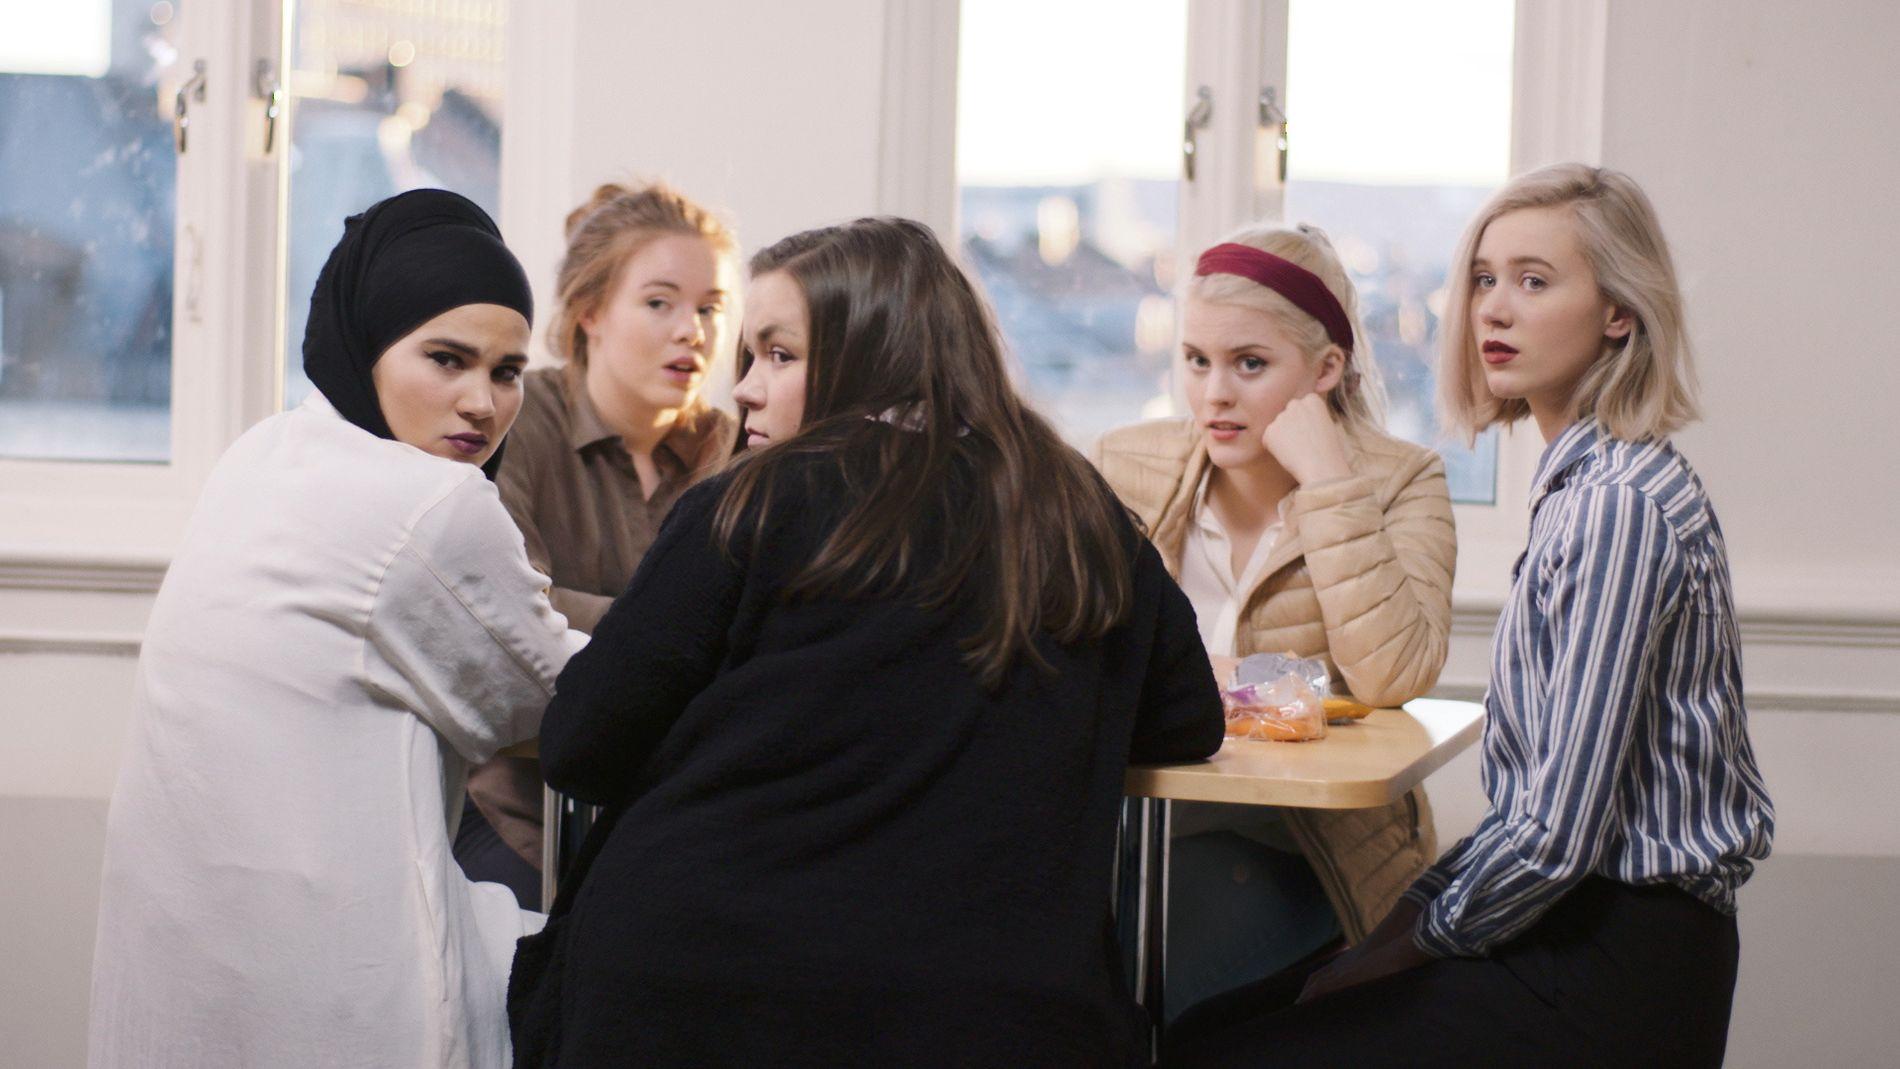 POPULÆRE:  Jentene fra «Skam» er på kort tid blitt utrolig populære i Sverige. Pettersen) rundt et bord på Hartvig Nissen vgs. Her er Sana (Iman Meskini), Eva (Lisa Teige), Chris (Ina Svenningdal), Vilde (Ulrikke Falch) og Noora (Josefine Frida Pettersen).